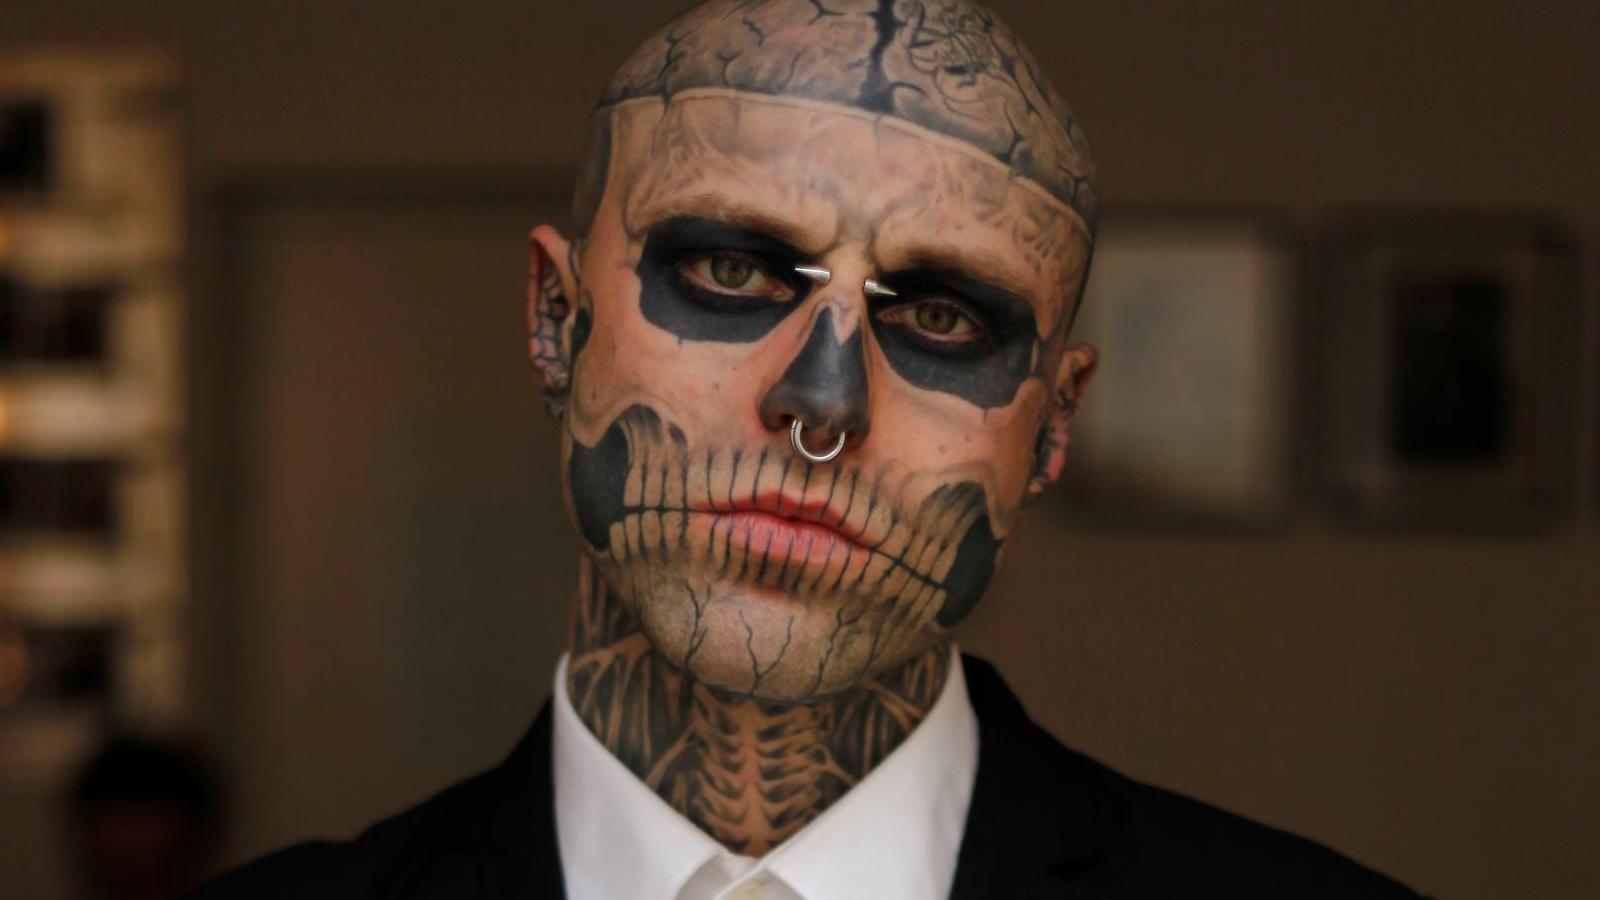 Segundo amigos de Rick, o modelo lutou por anos contra transtornos de saúde mental.